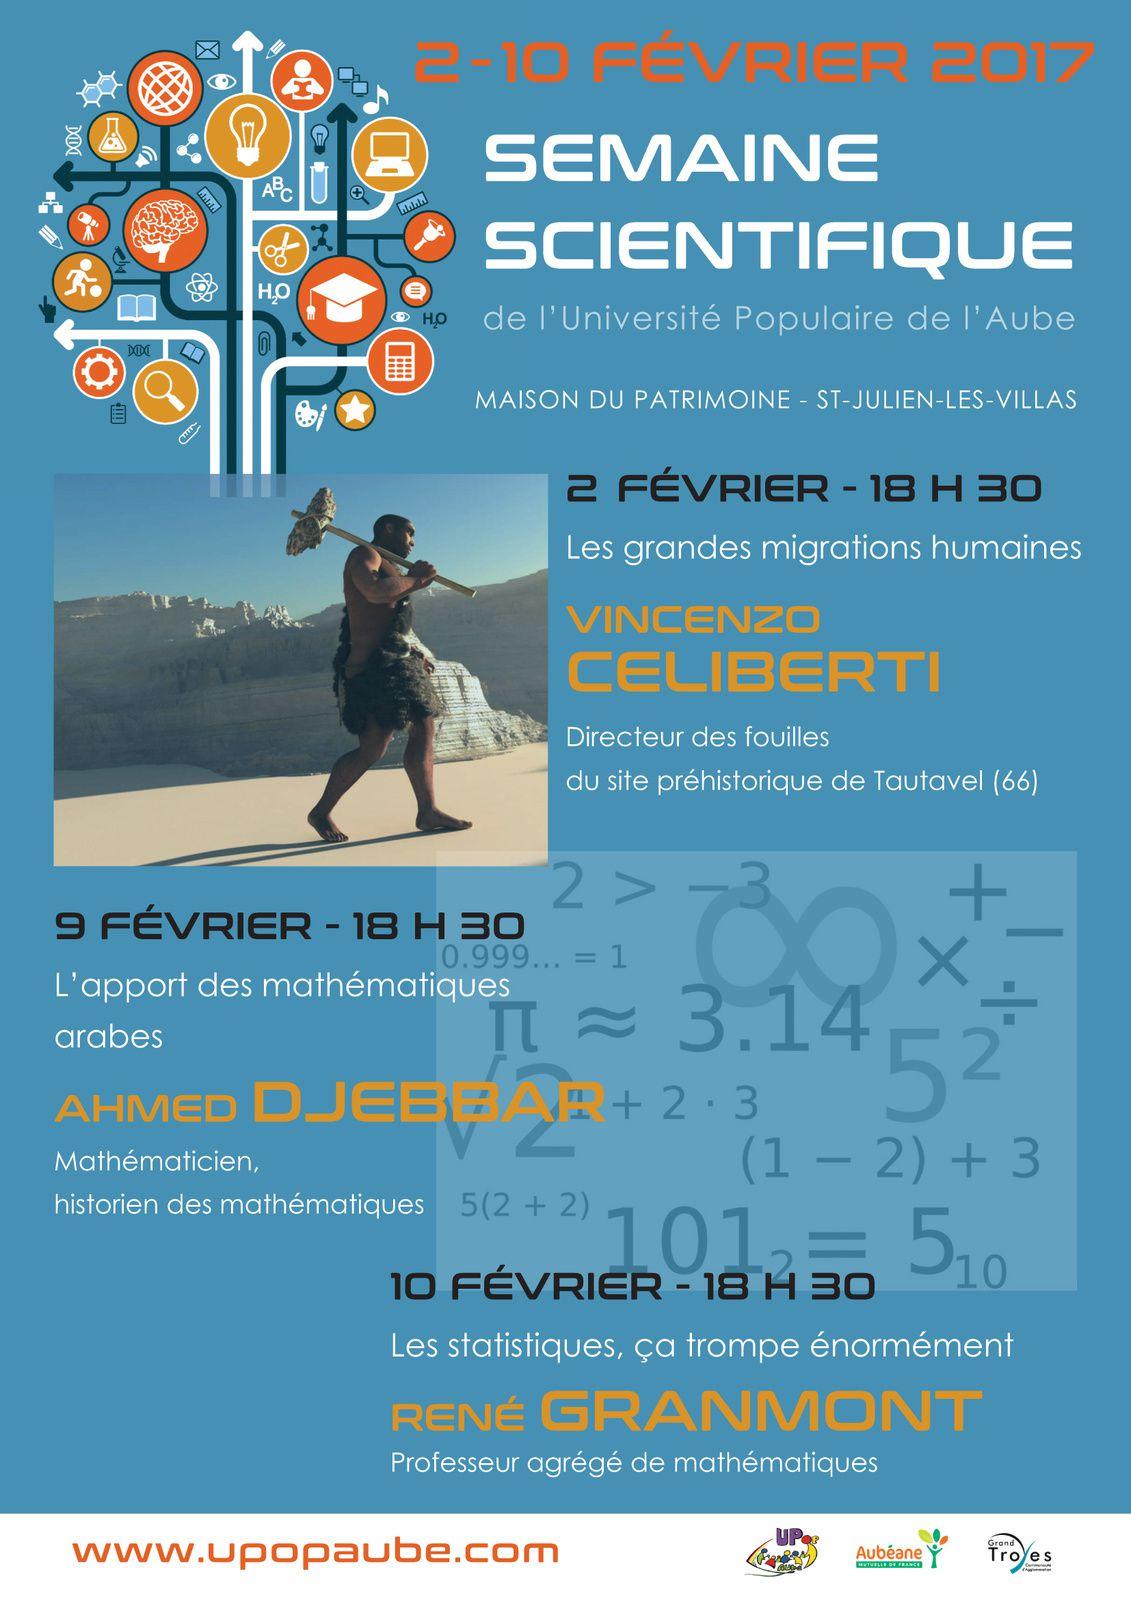 2 ~ 10 FÉVRIER : LA SEMAINE SCIENTIFIQUE DE L'UPOPAUBE